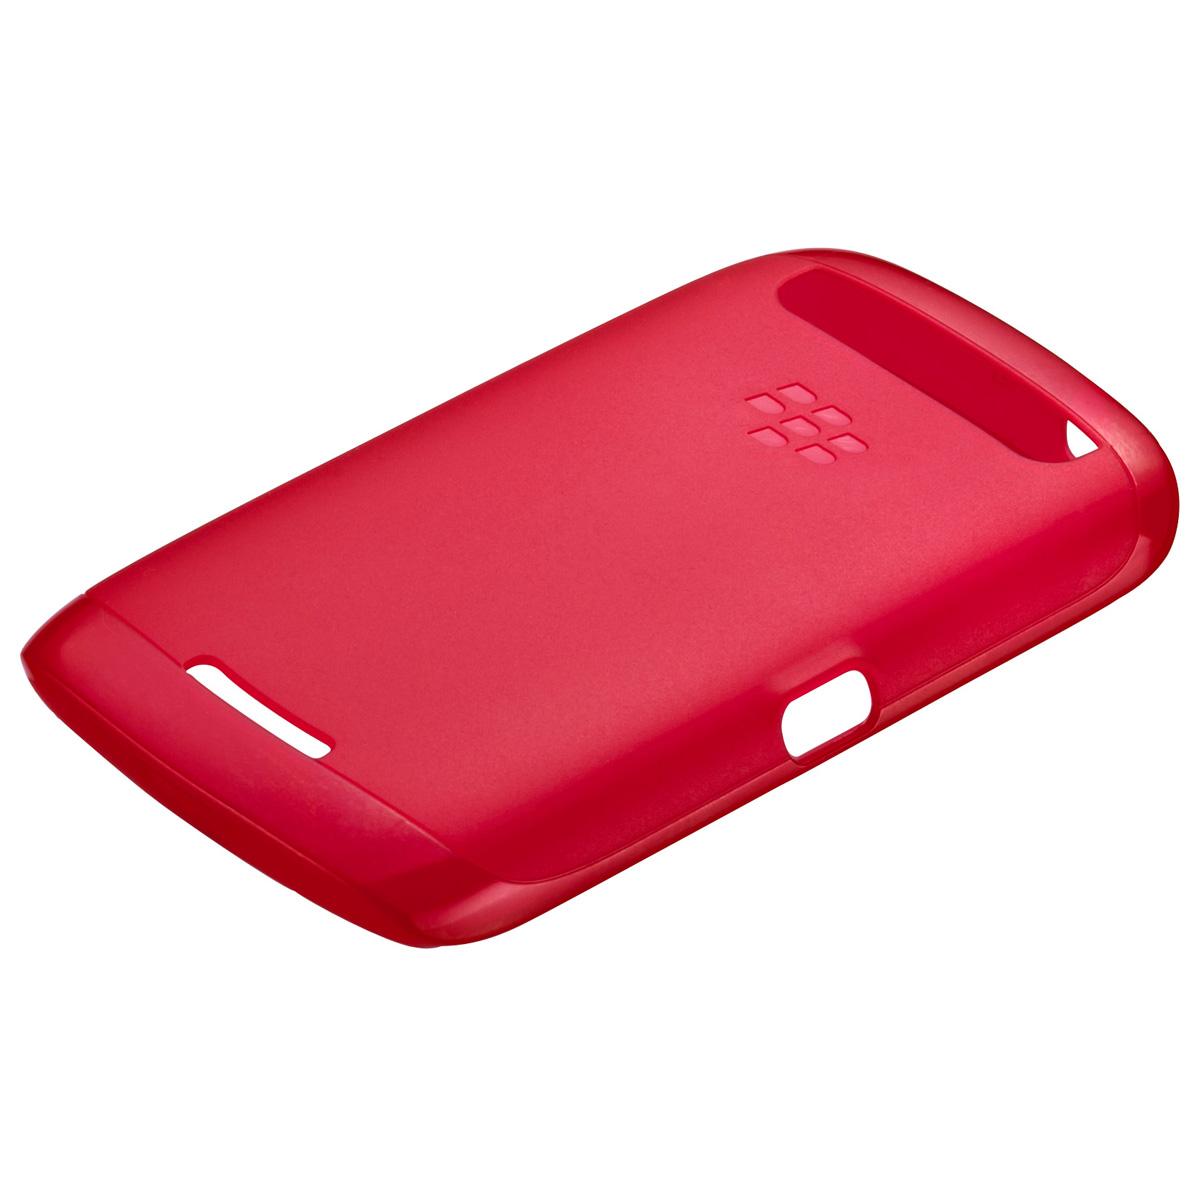 Etui téléphone  BlackBerry Soft Shell Rouge Coque pour BlackBerry Curve 9380